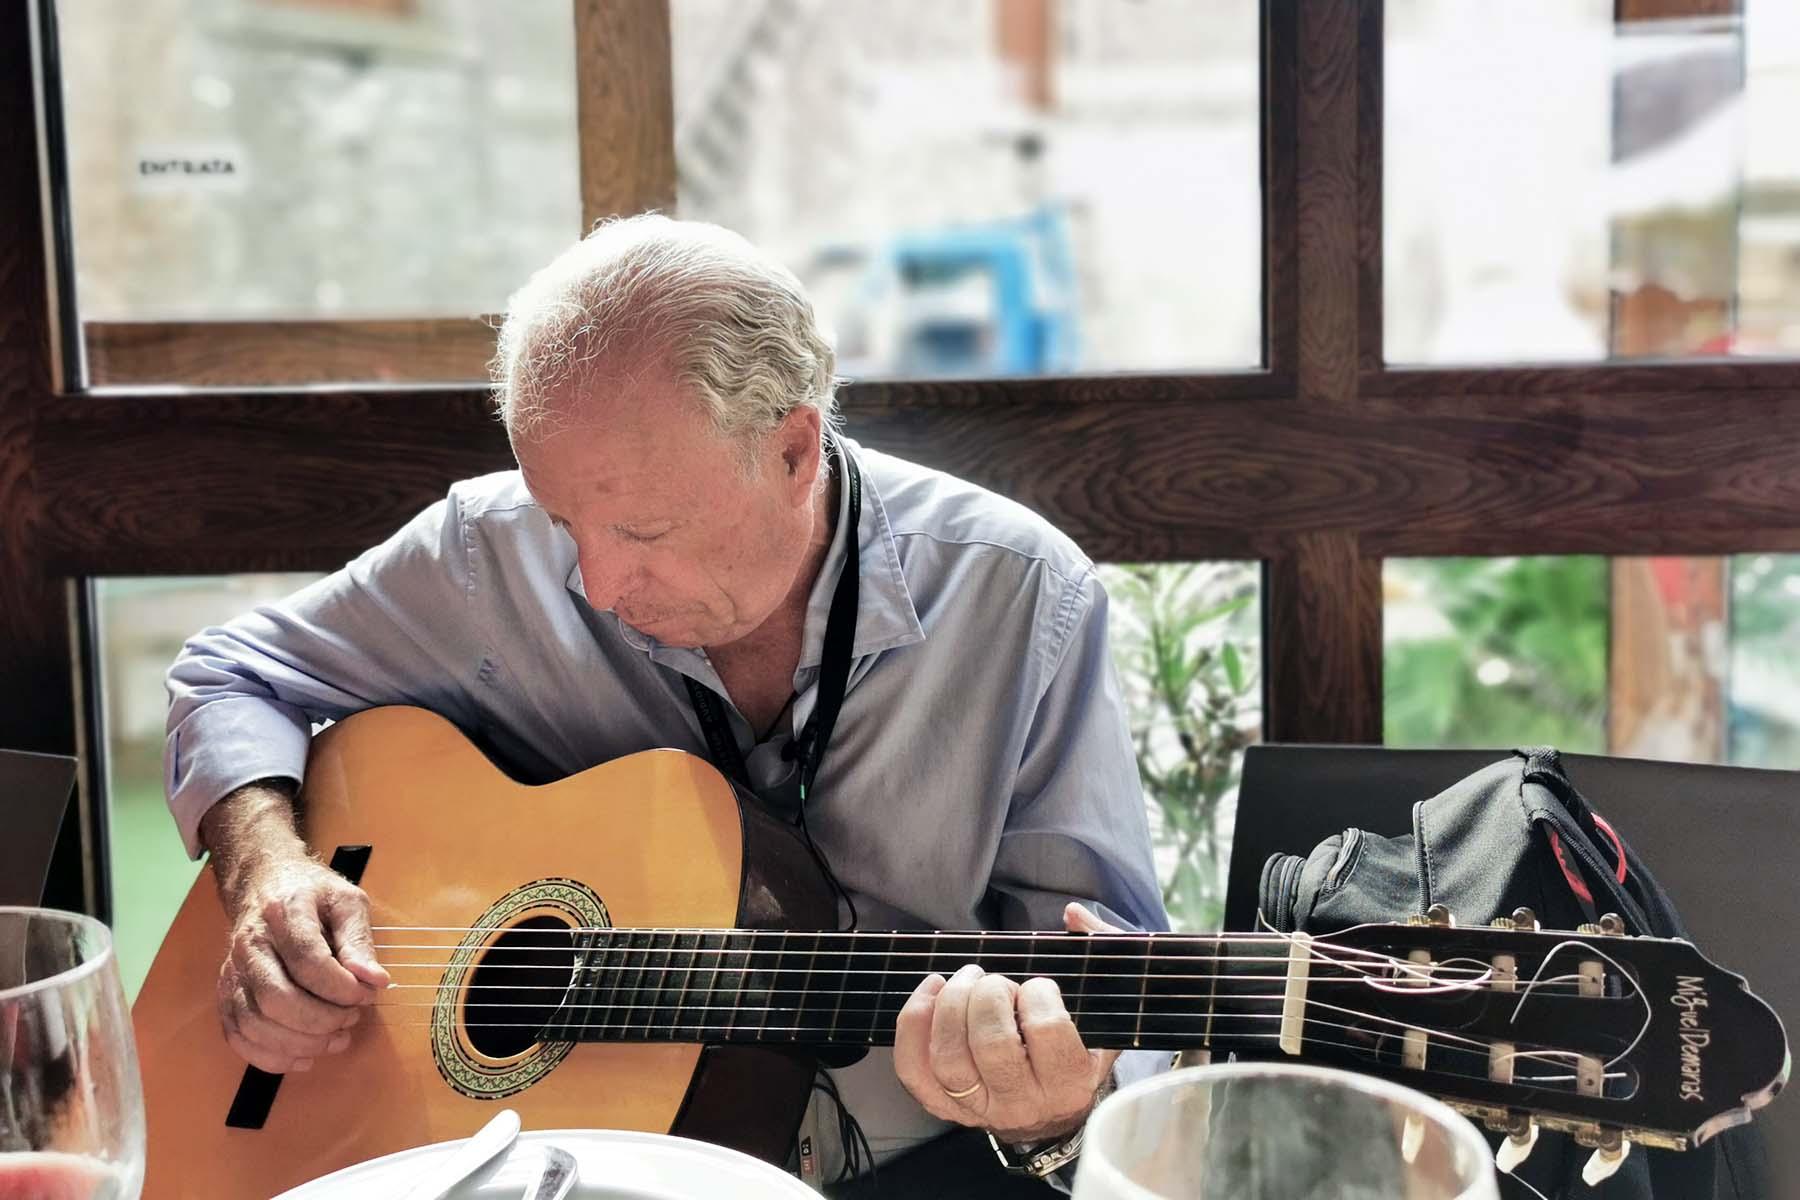 Achitetto Nino Principato alla chitarra